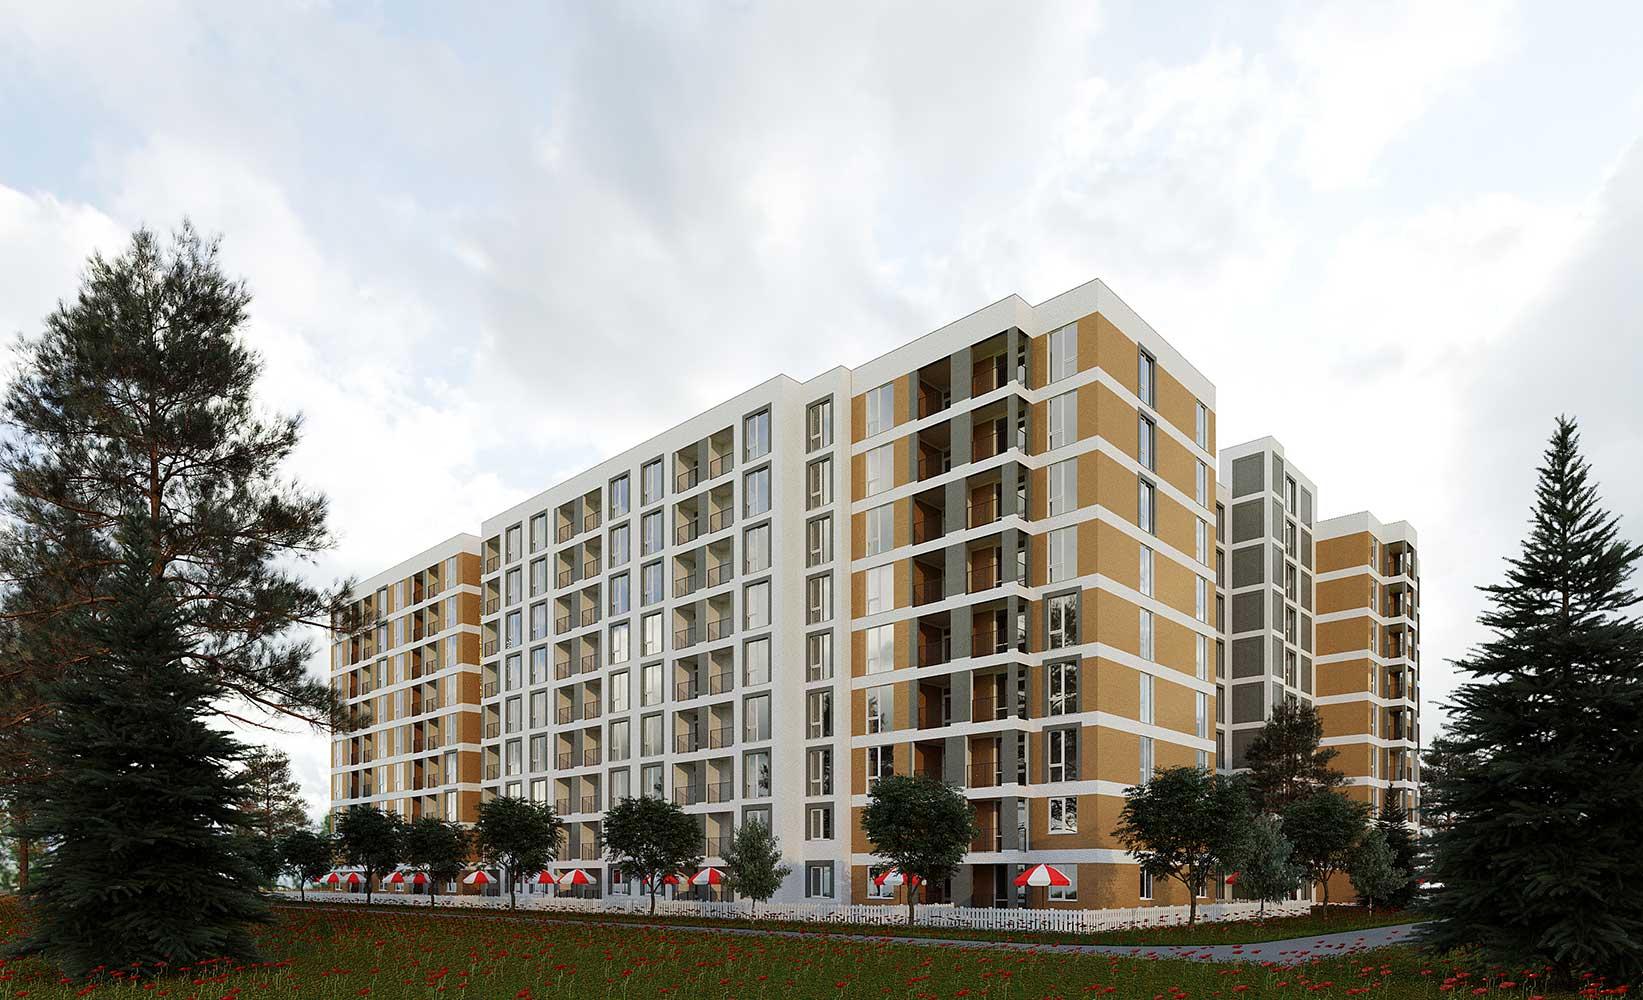 Многоквартирный трехсекционный жилой дом (фото 3)